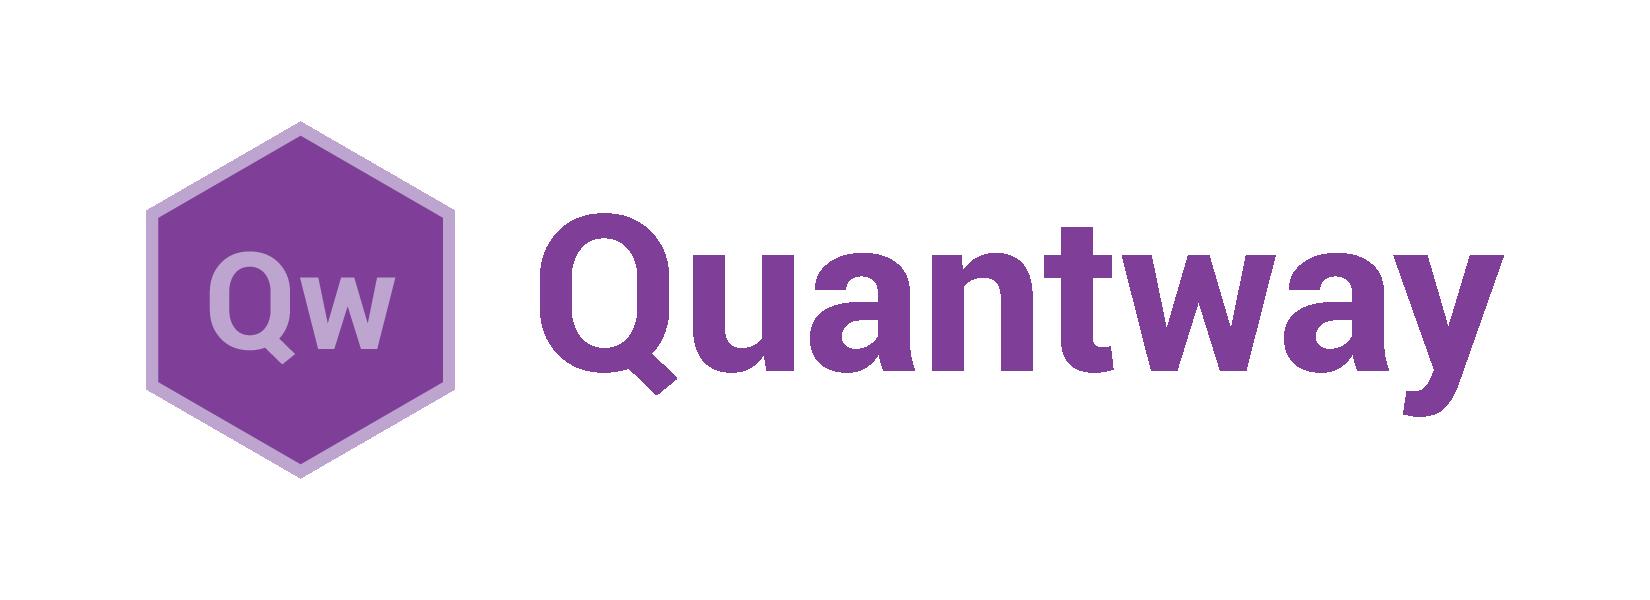 Quantway logo